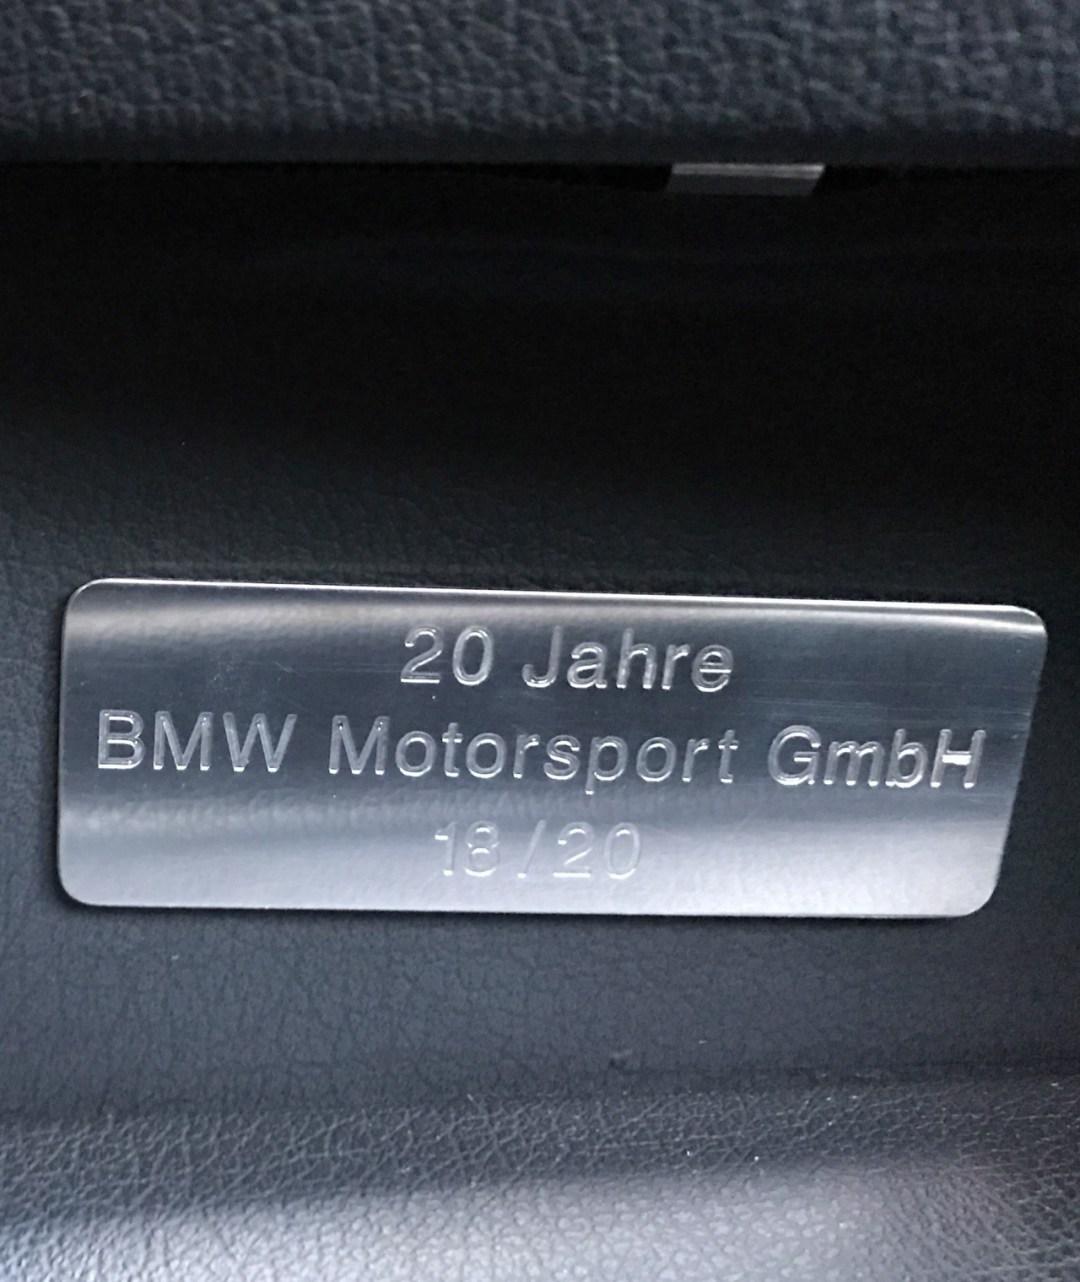 BMW M5 20 Jahre - La plus rare, la plus désirable ?! 77